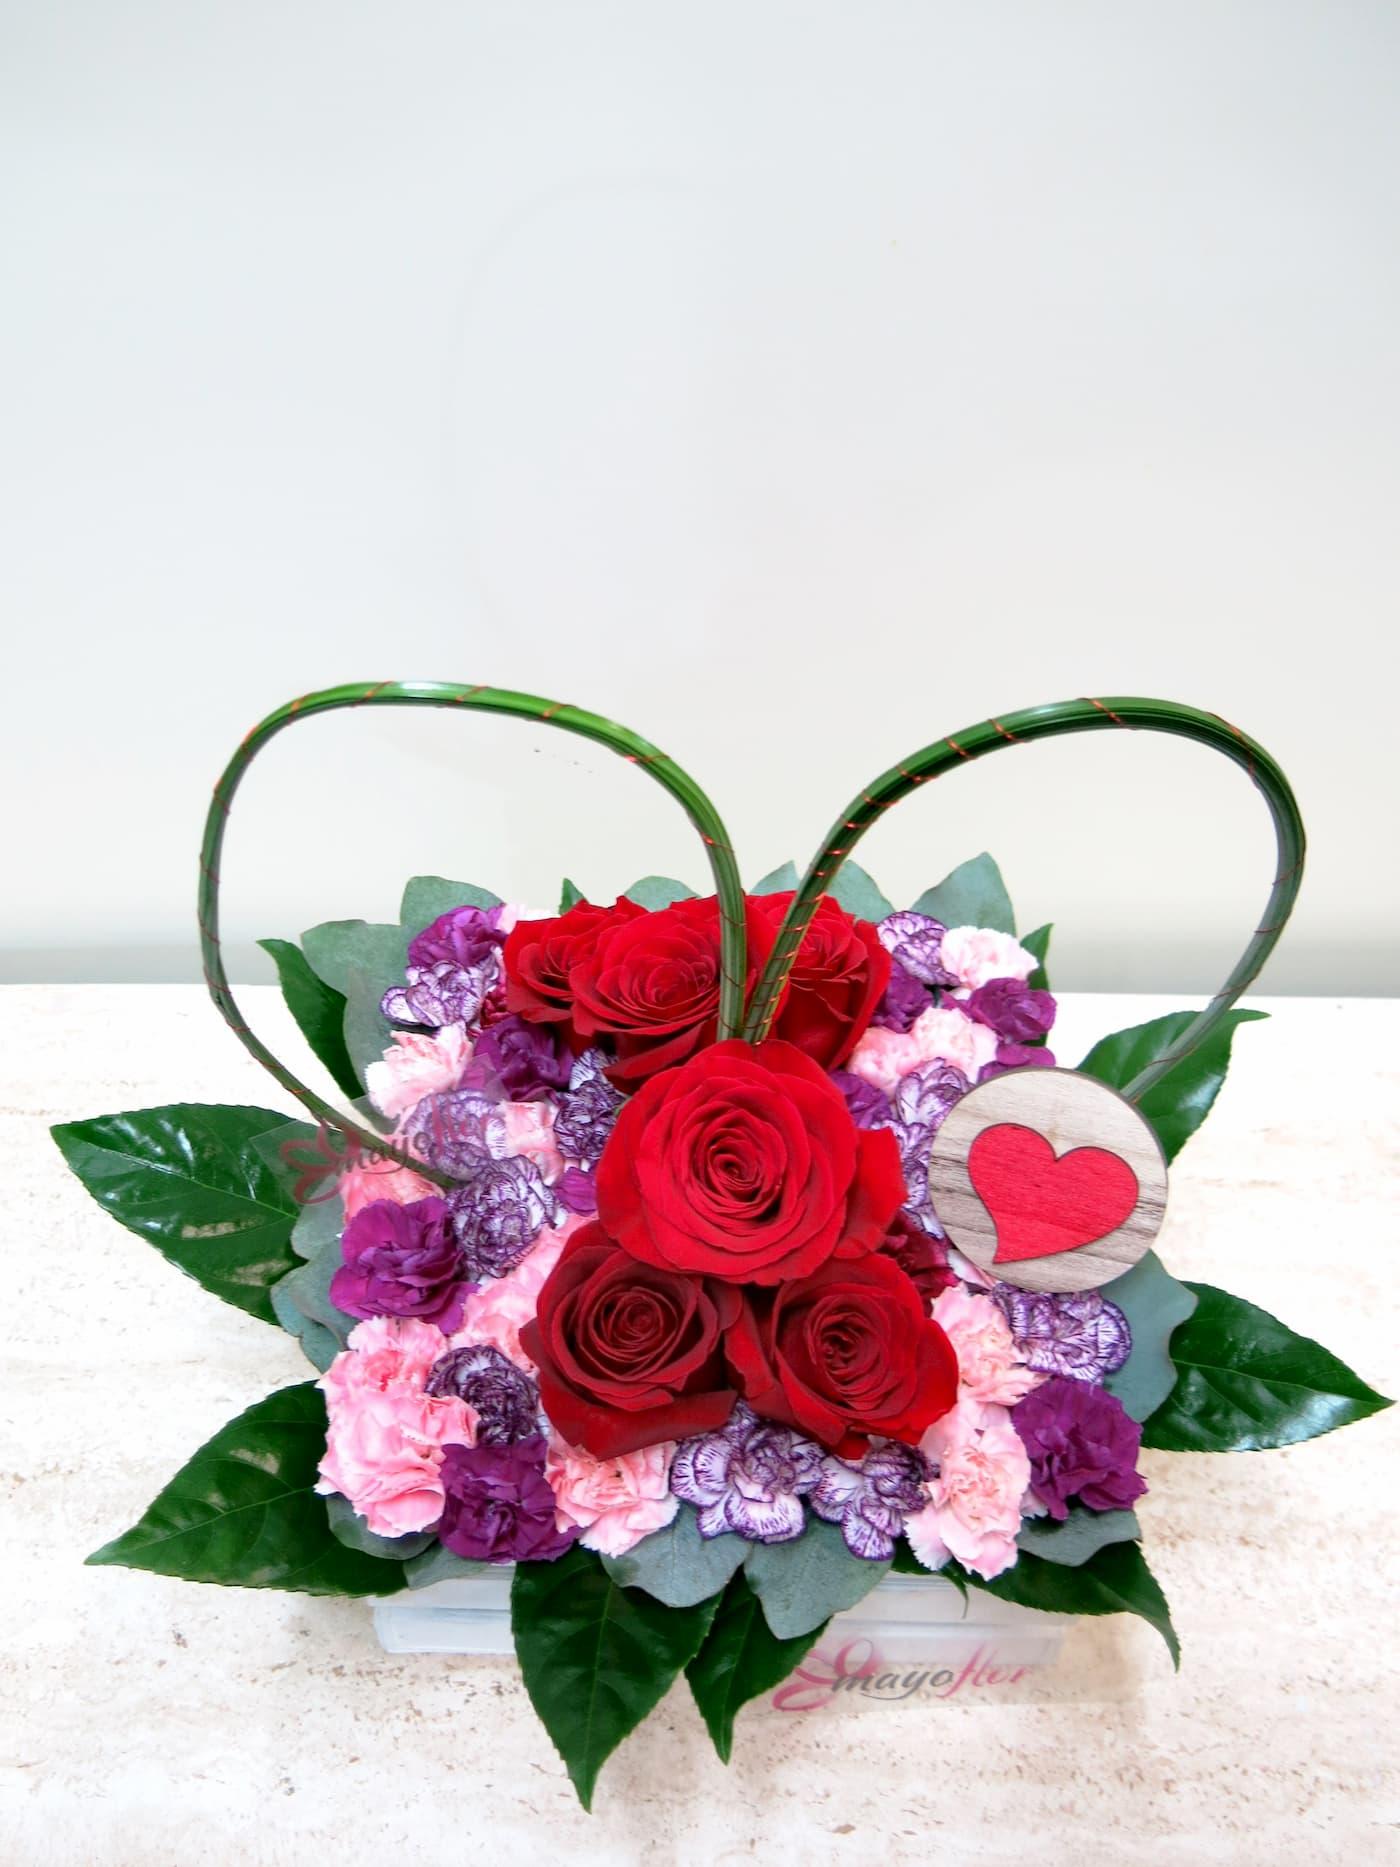 Centro de rosa Y clavellina en recipiente de madera blanca con un gran corazón - Foto 2